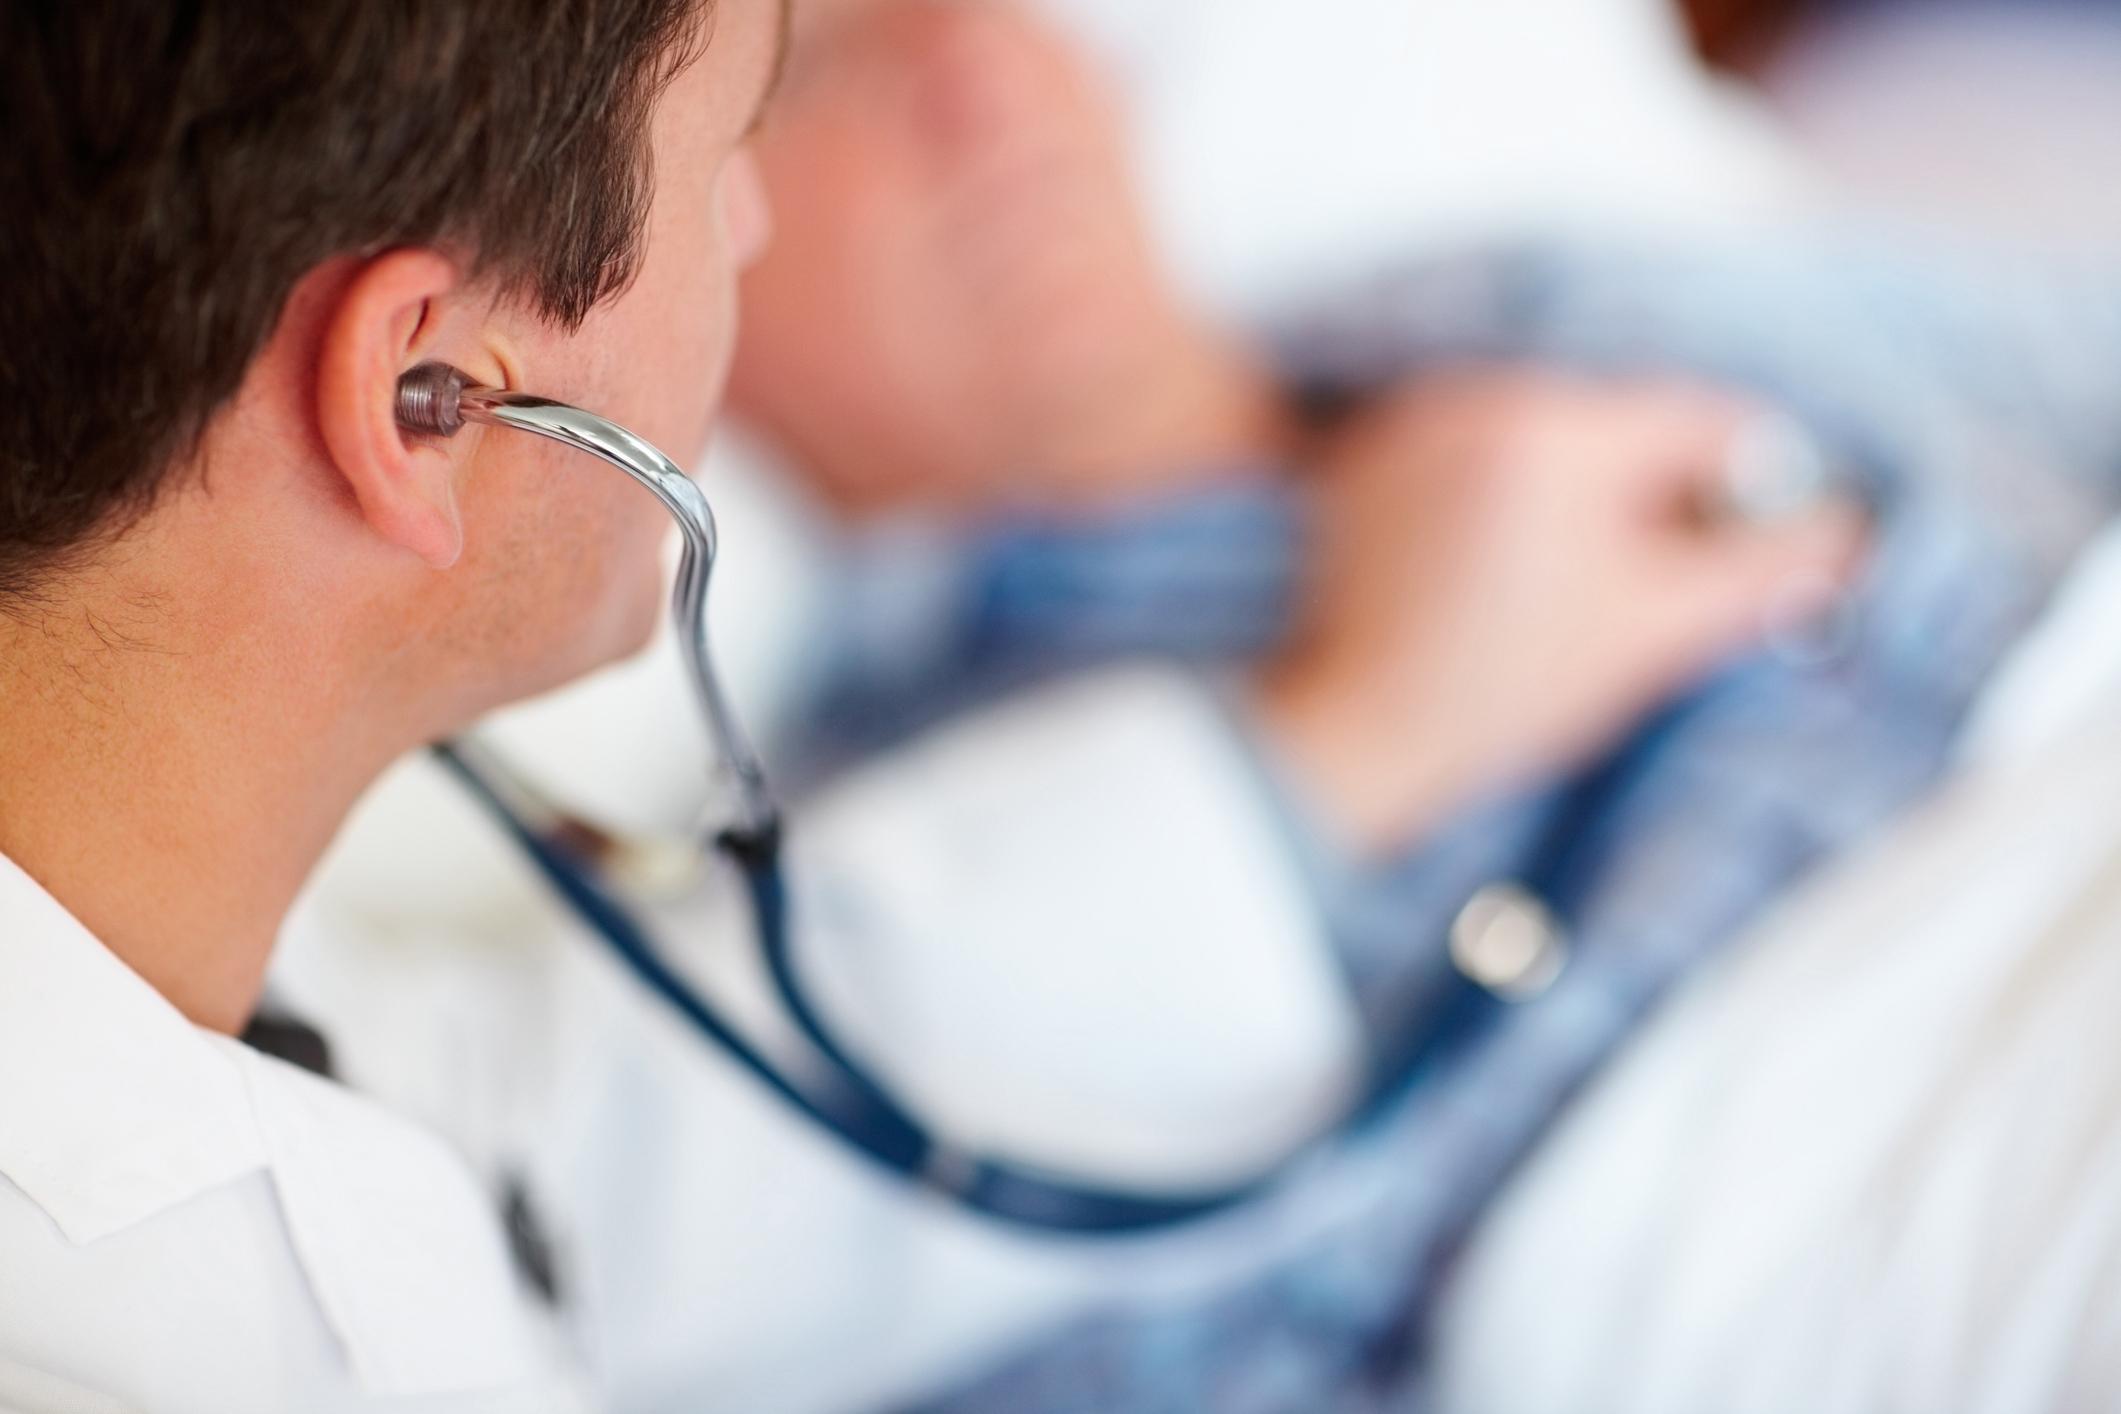 Штрафовать за неправильное оказание медицинской помощи предложил Минздрав России